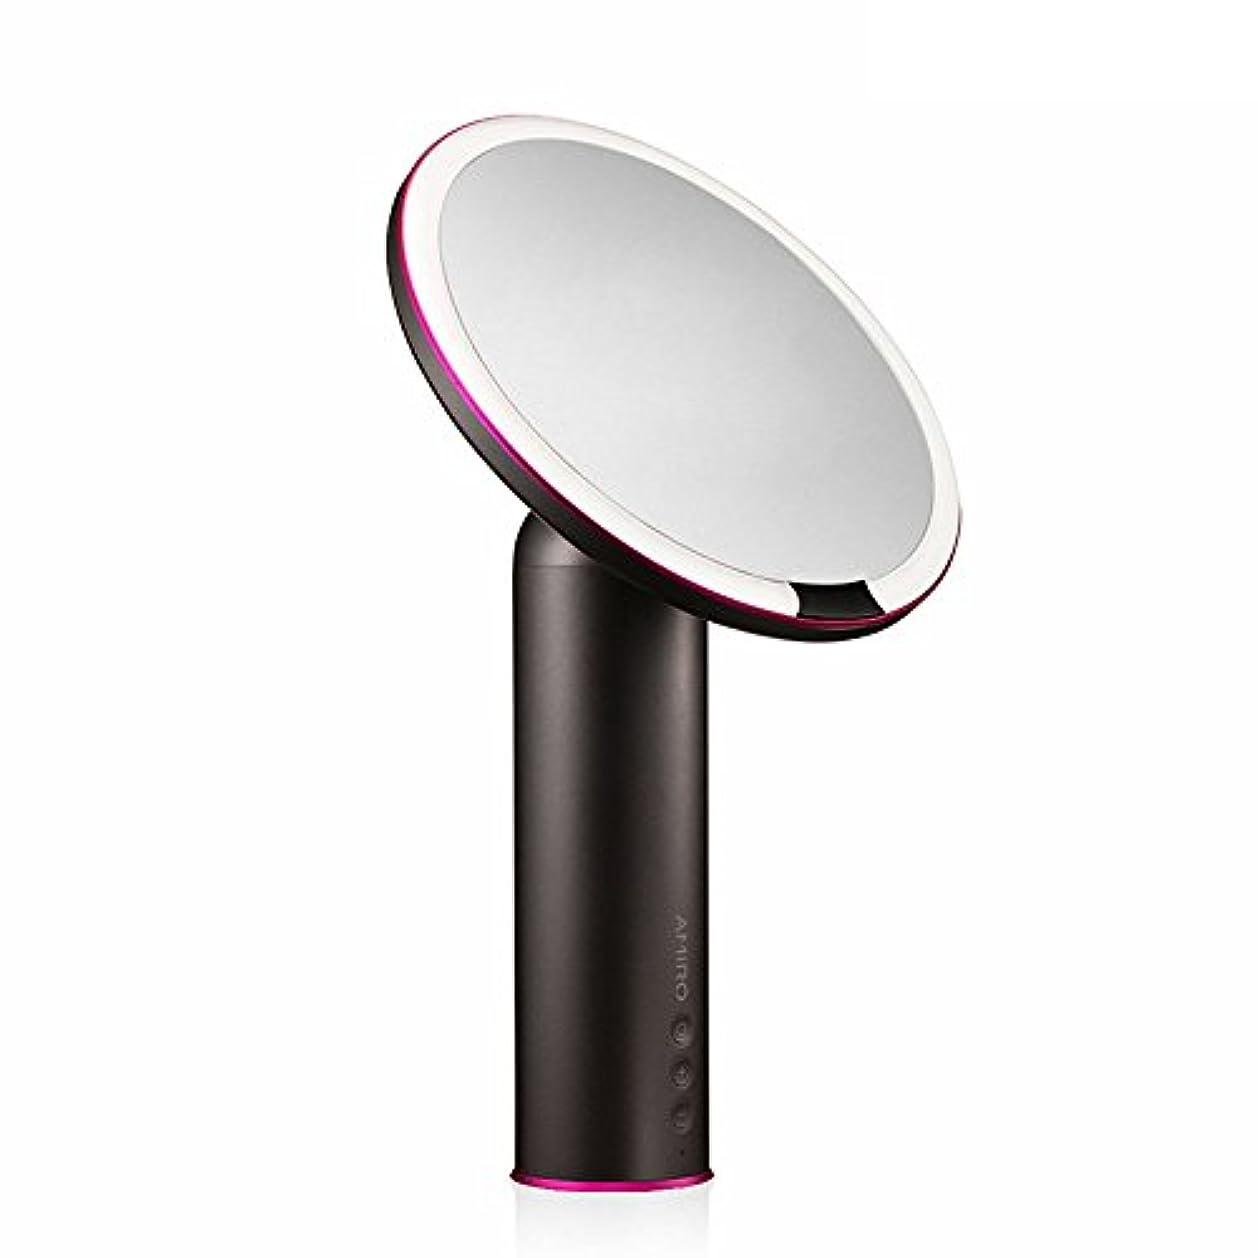 ボトルネック厚さメニューAMIRO センサー化粧鏡 化粧ミラー LEDライト付き 卓上鏡 女優ミラー 3段階明るさ調節可能 コードレス 充電式